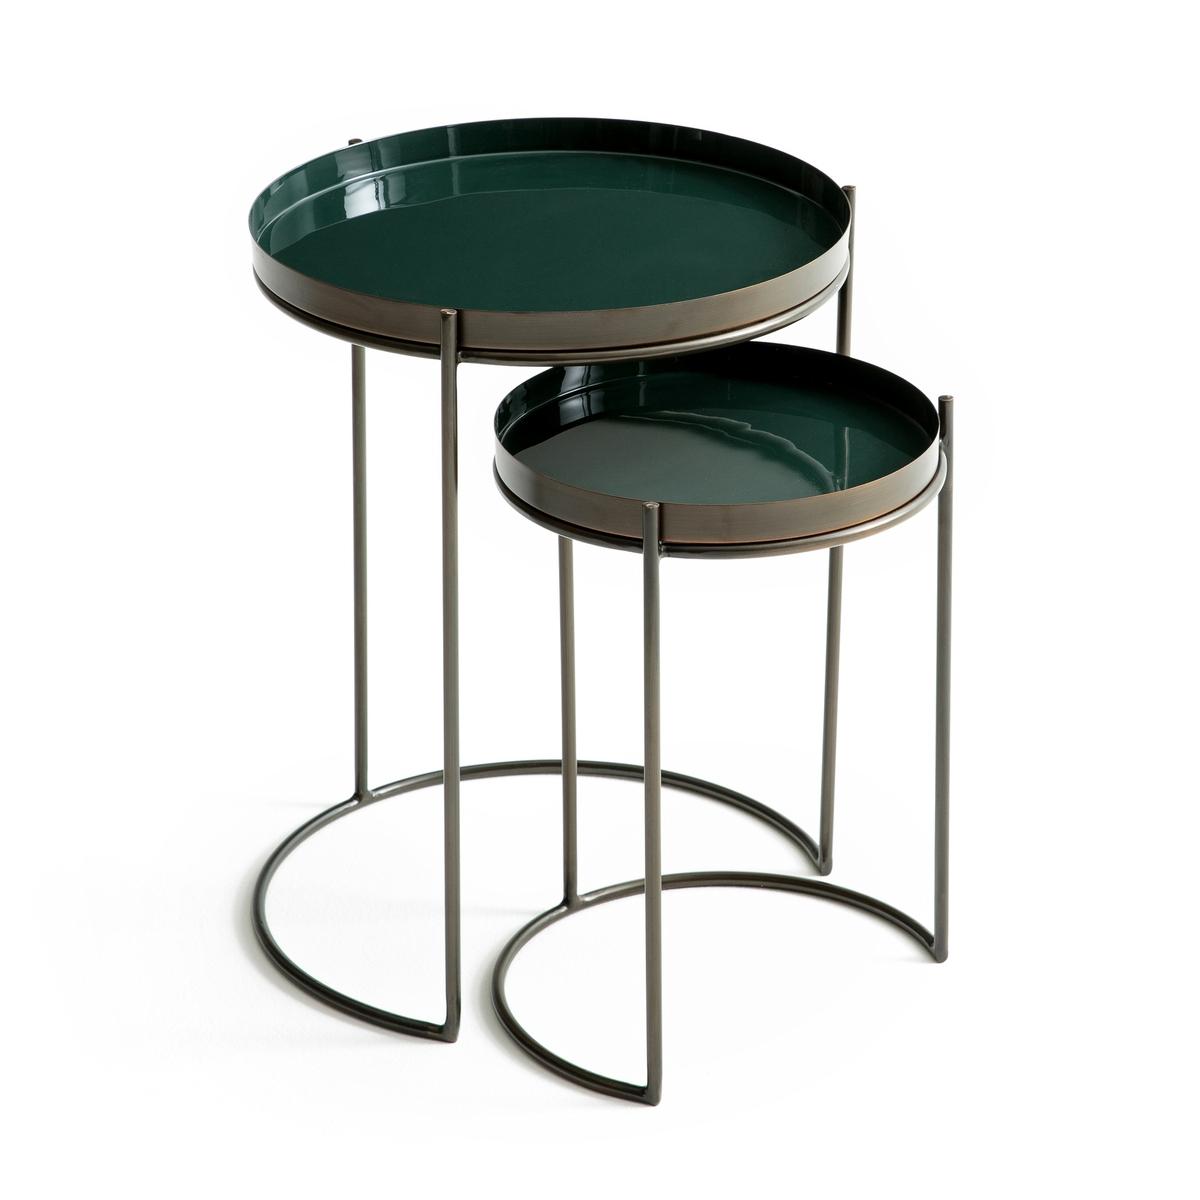 Журнальный столик металлический, Picabea (2 шт.)